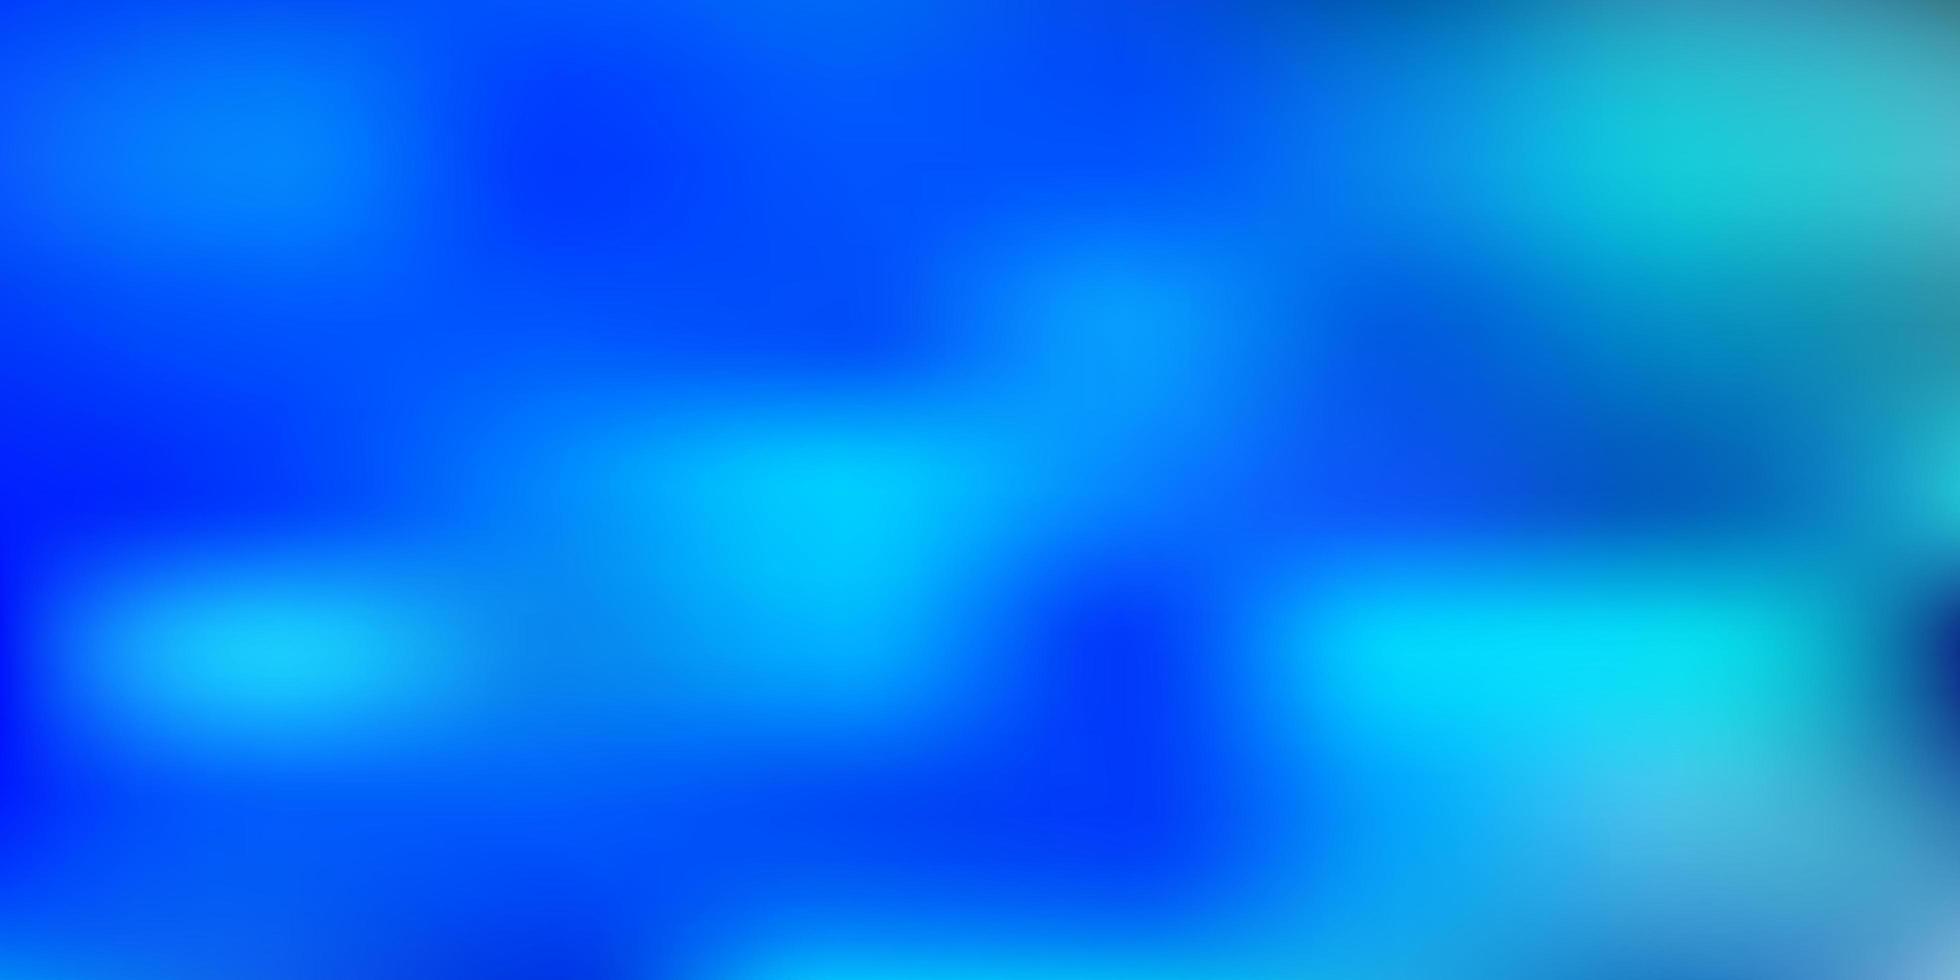 Fondo de desenfoque abstracto azul claro vector